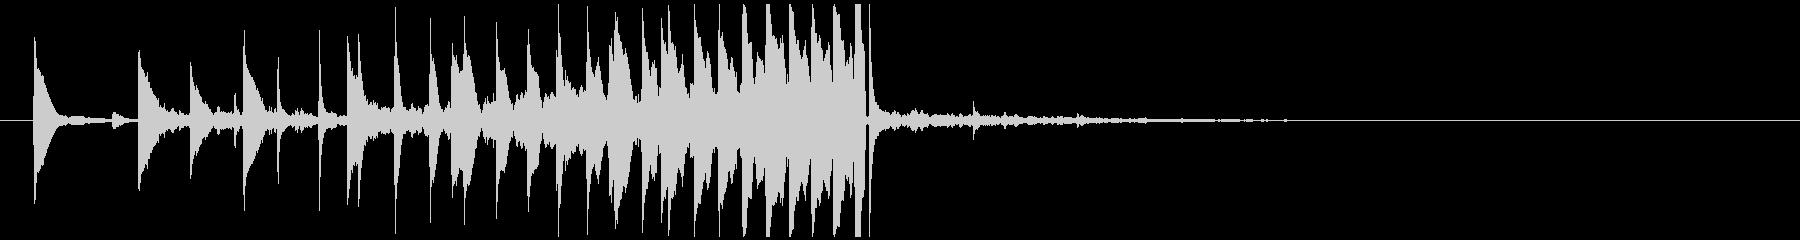 インパクトあるサウンドロゴ ポップクールの未再生の波形